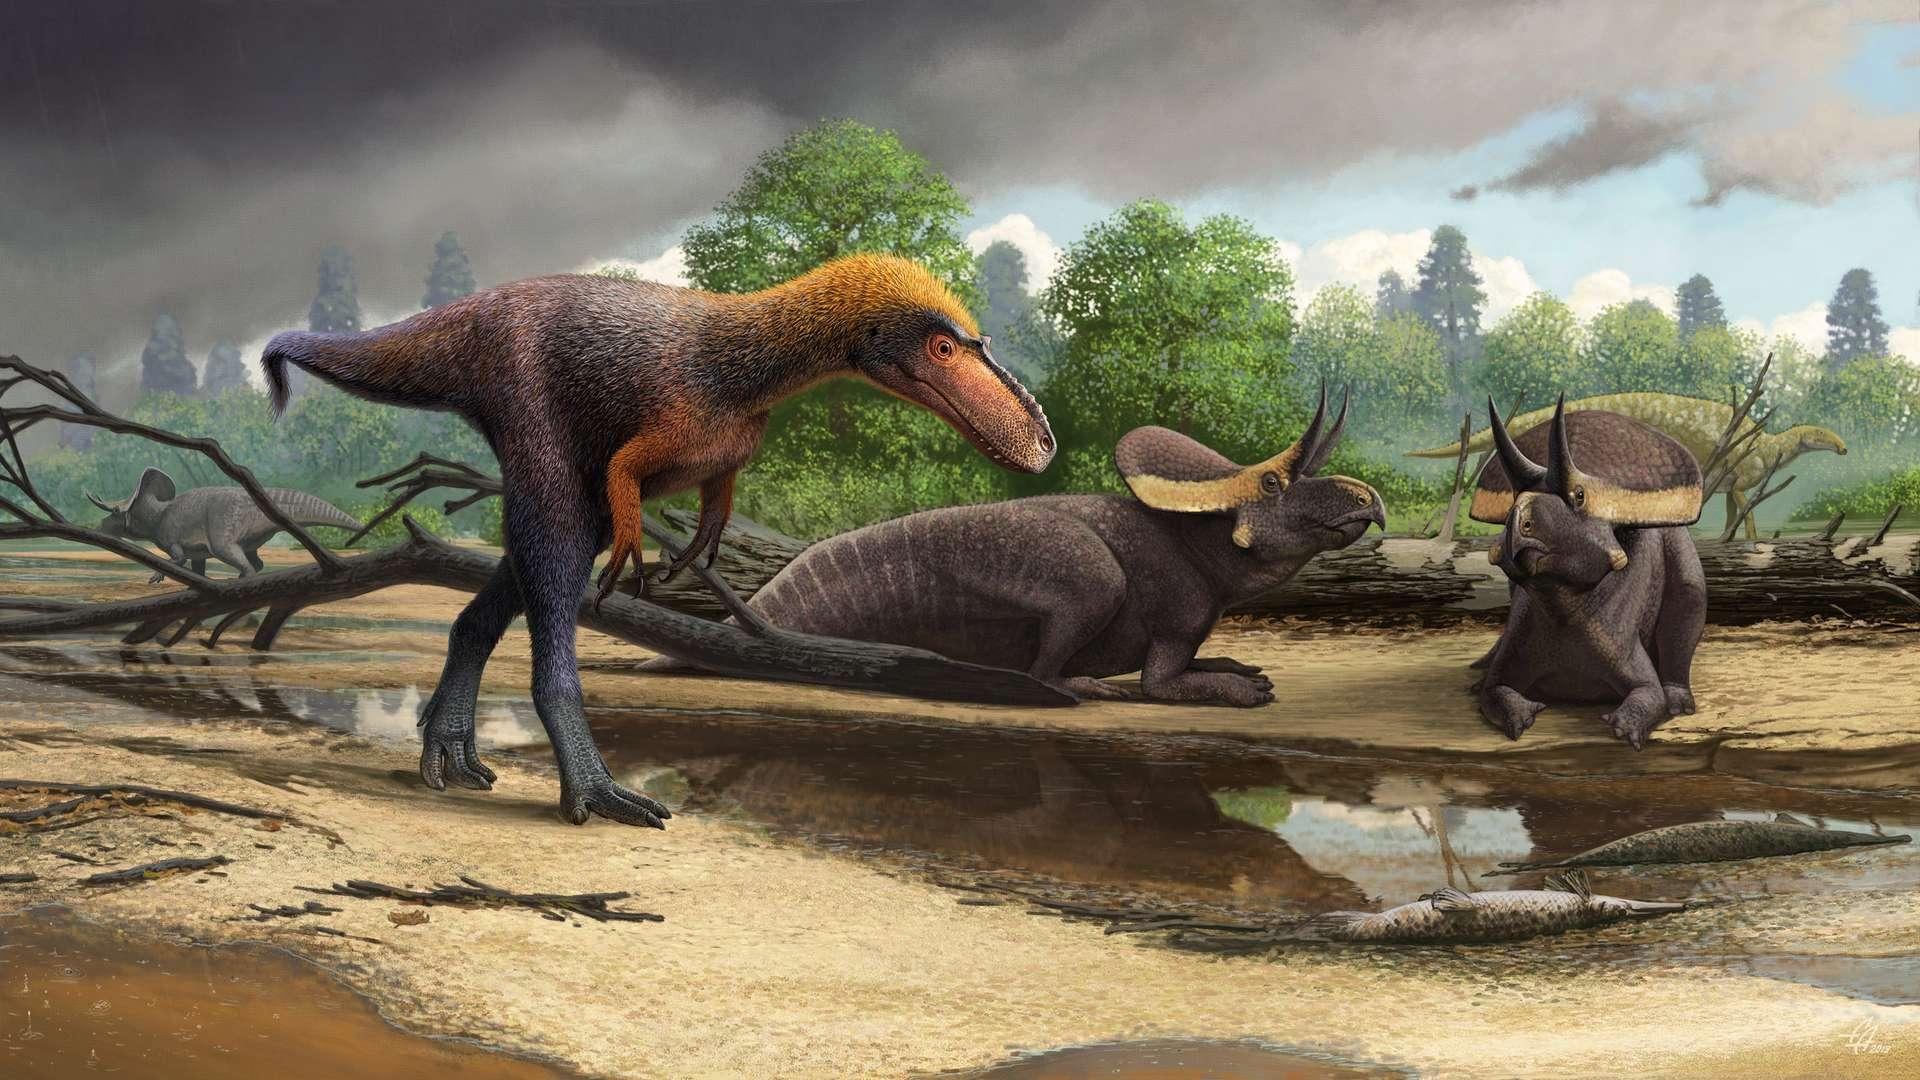 Vue d'artiste de Suskityrannus hazelae, une nouvelle espèce appartenant à la super-famille des Tyrannosauroidea qui vivait il y a 92 millions d'années, durant le Crétacé, et précédait le Tyrannosaurus rex. © Andrey Atuchin